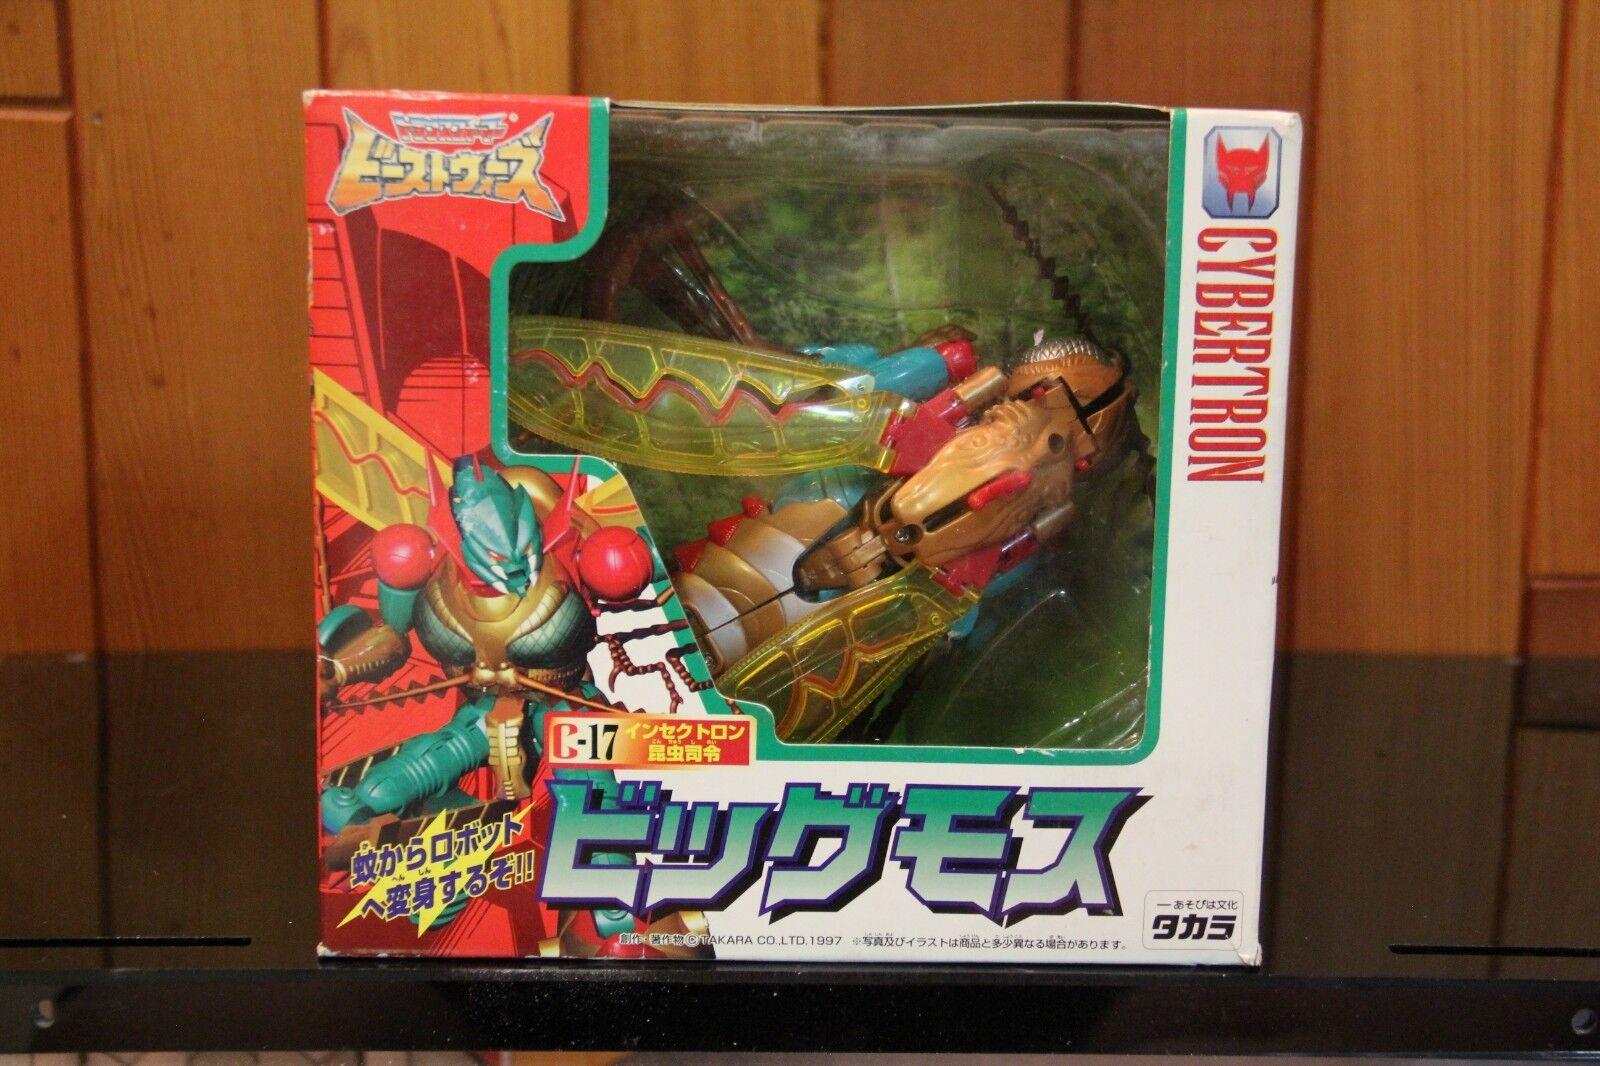 Takara Transformers Beast guerras C17 gree Moss